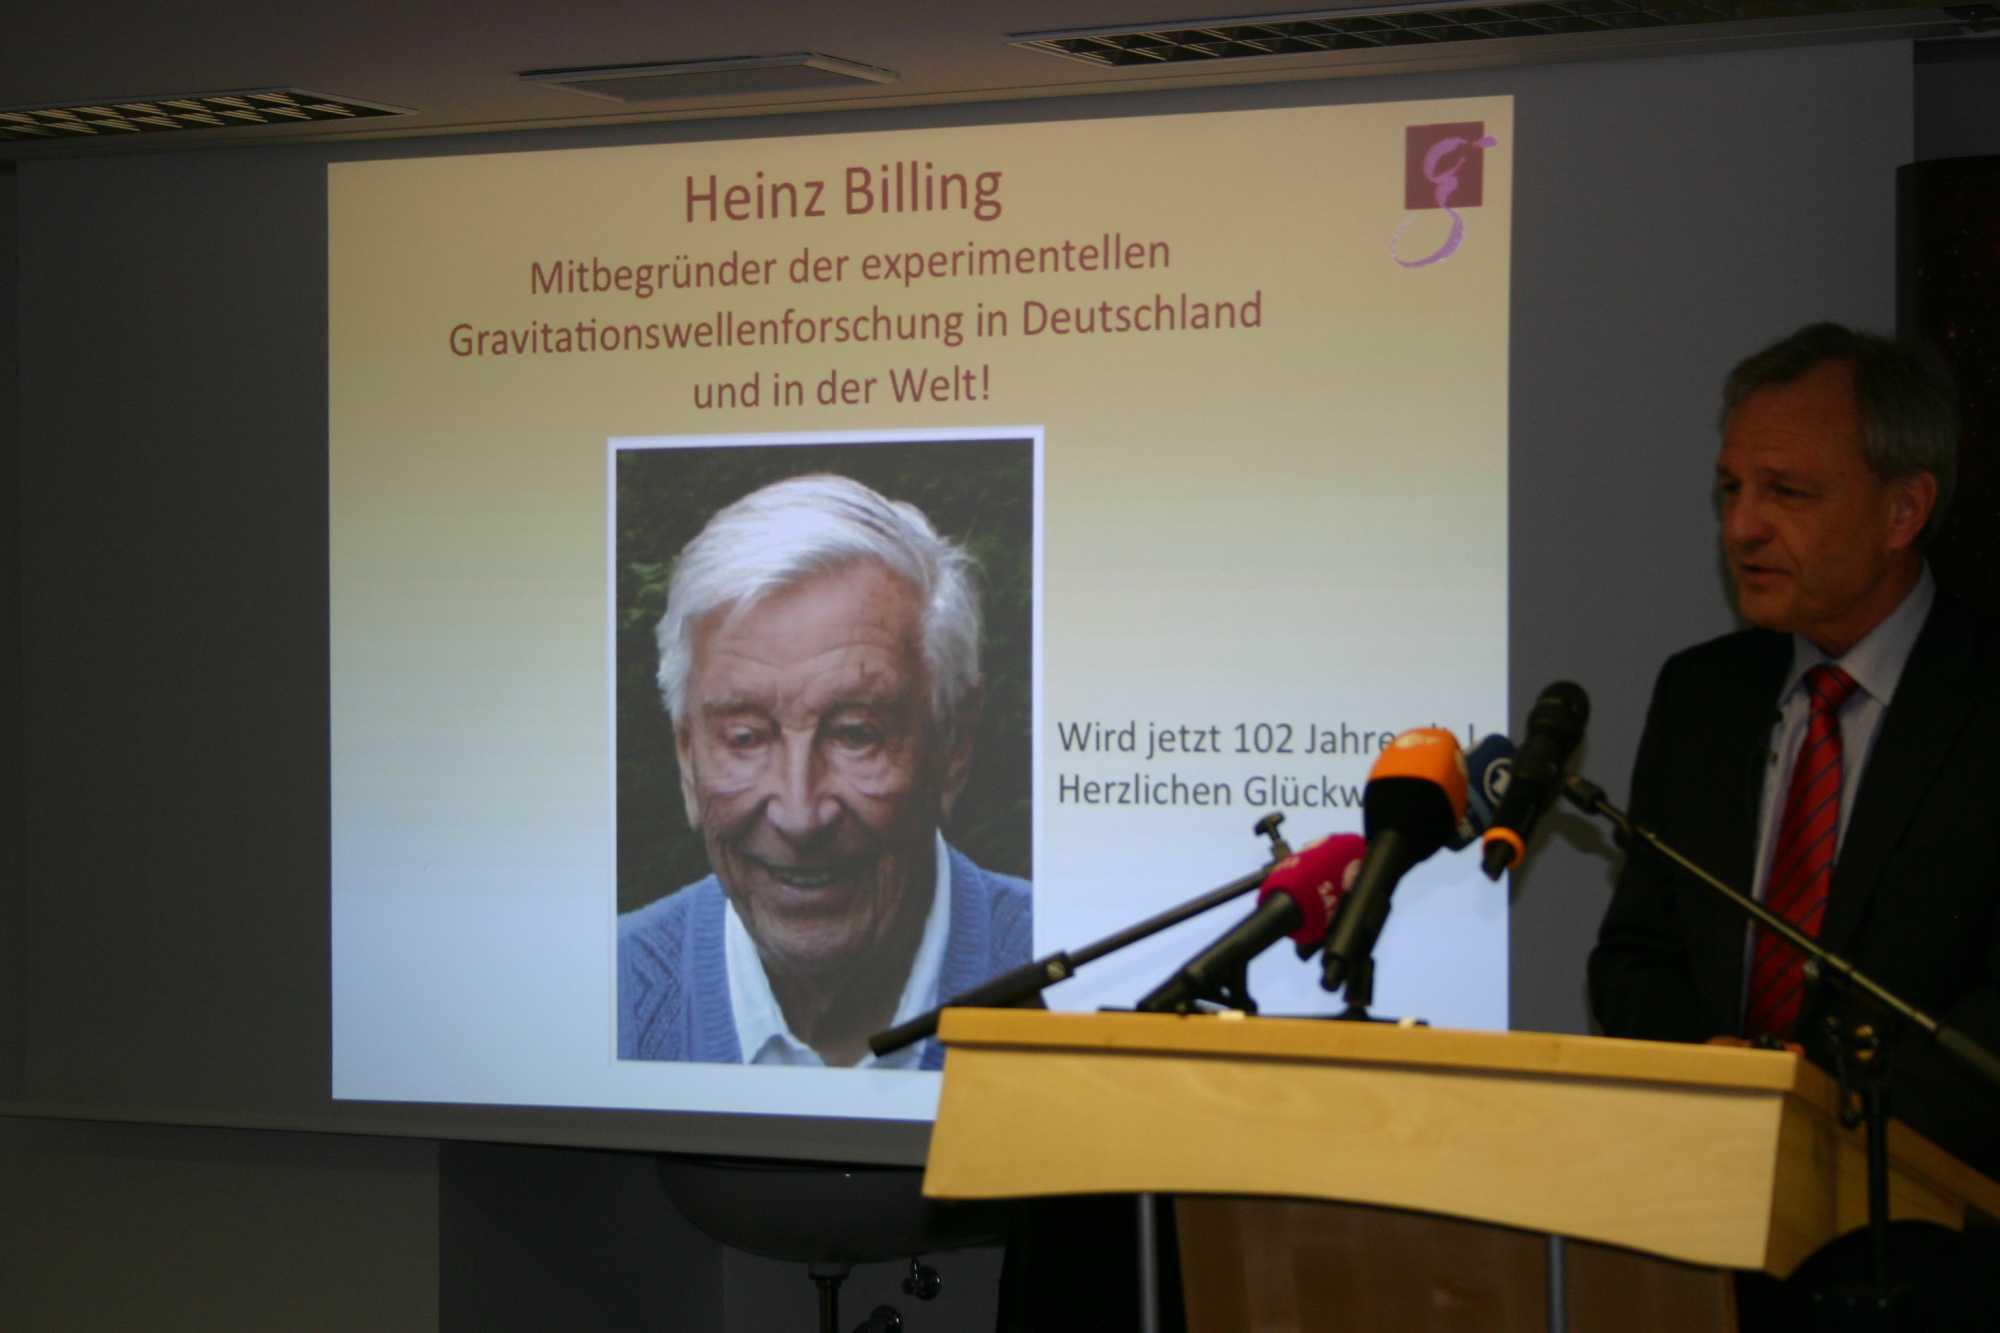 Prof. Danzmann ehrt den Initiator der experimentellen Graviationswellenforschung in Deutschland, Prof Heinz Billing, der neben Zuse auch zu den großen deutschen Computer-Pinonieren gehört